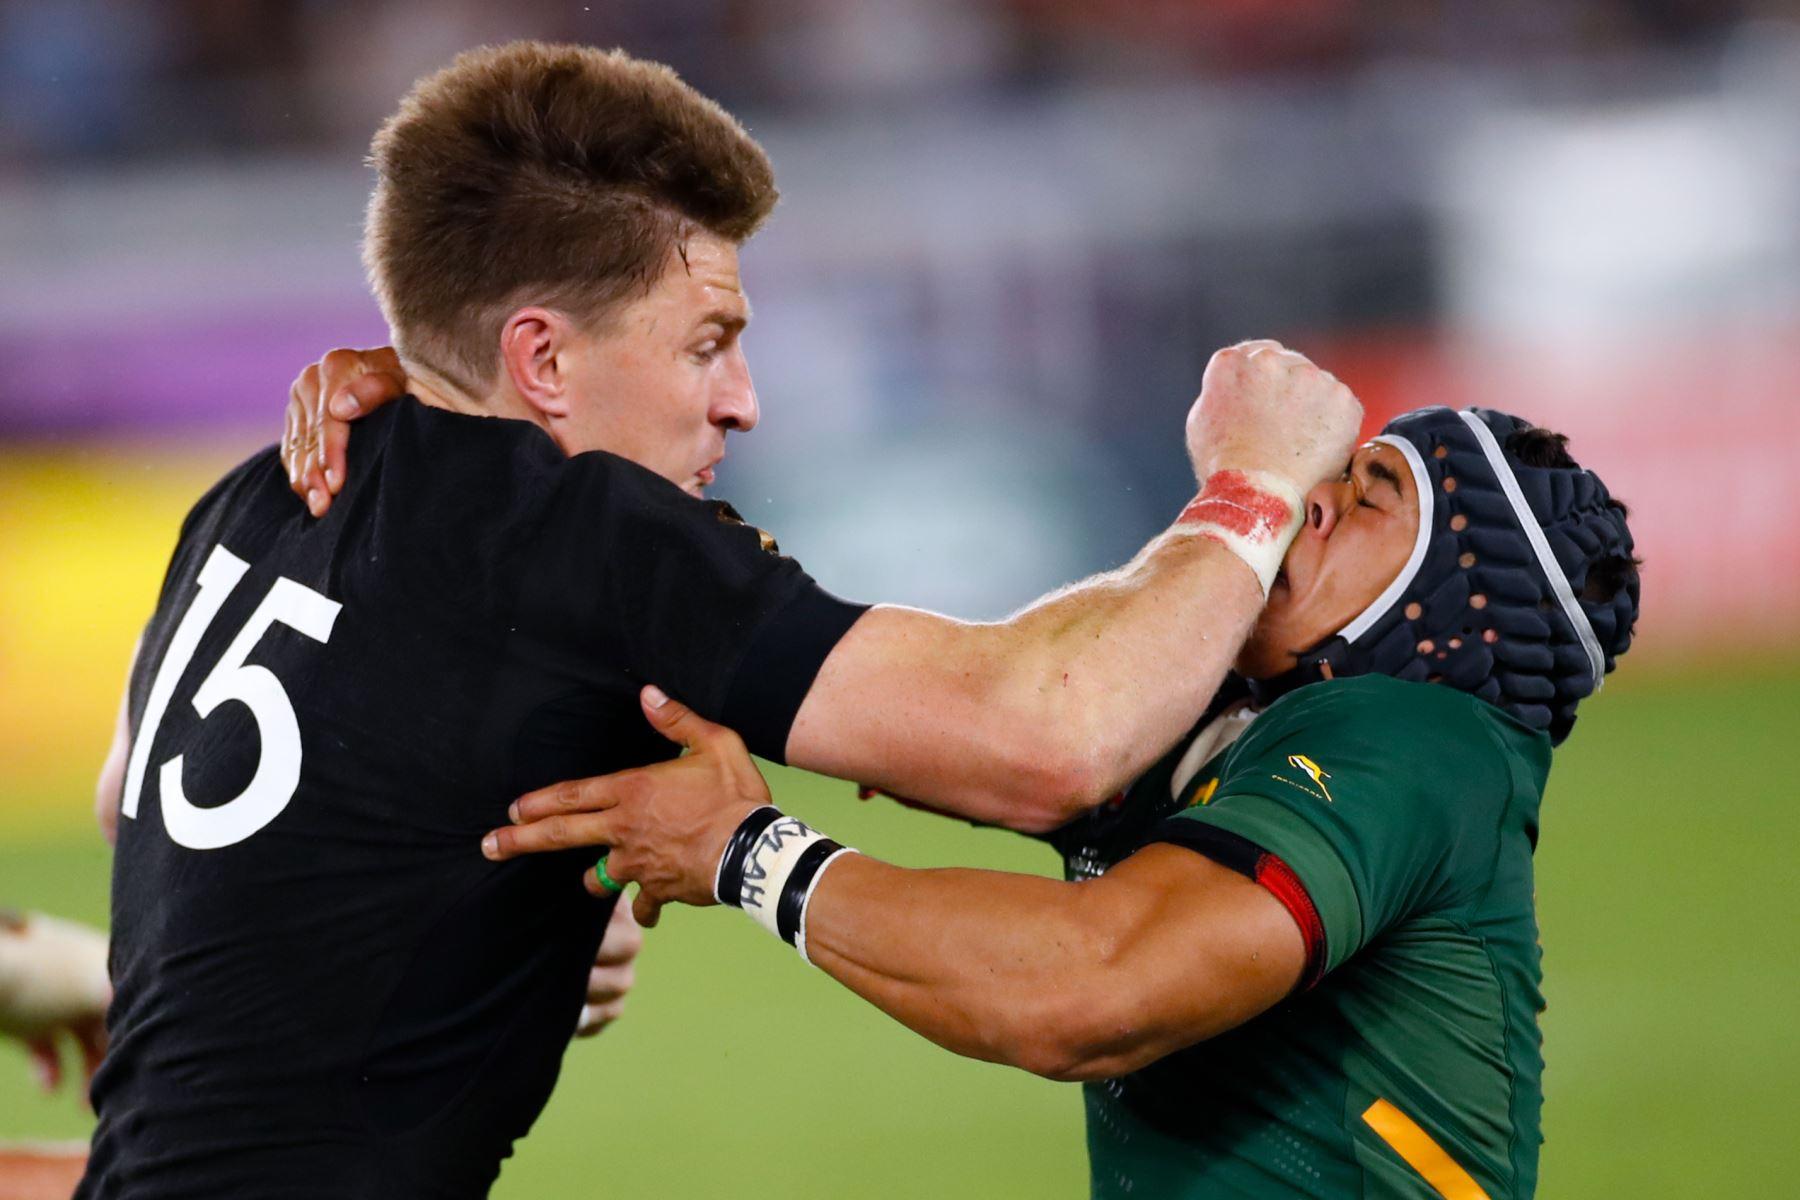 El lateral completo de Nueva Zelanda, Beauden Barrett (L), intenta superar al ala de Sudáfrica Cheslin Kolbe durante el partido del Grupo B de la Copa Mundial de Rugby de Japón 2019. Foto: AFP